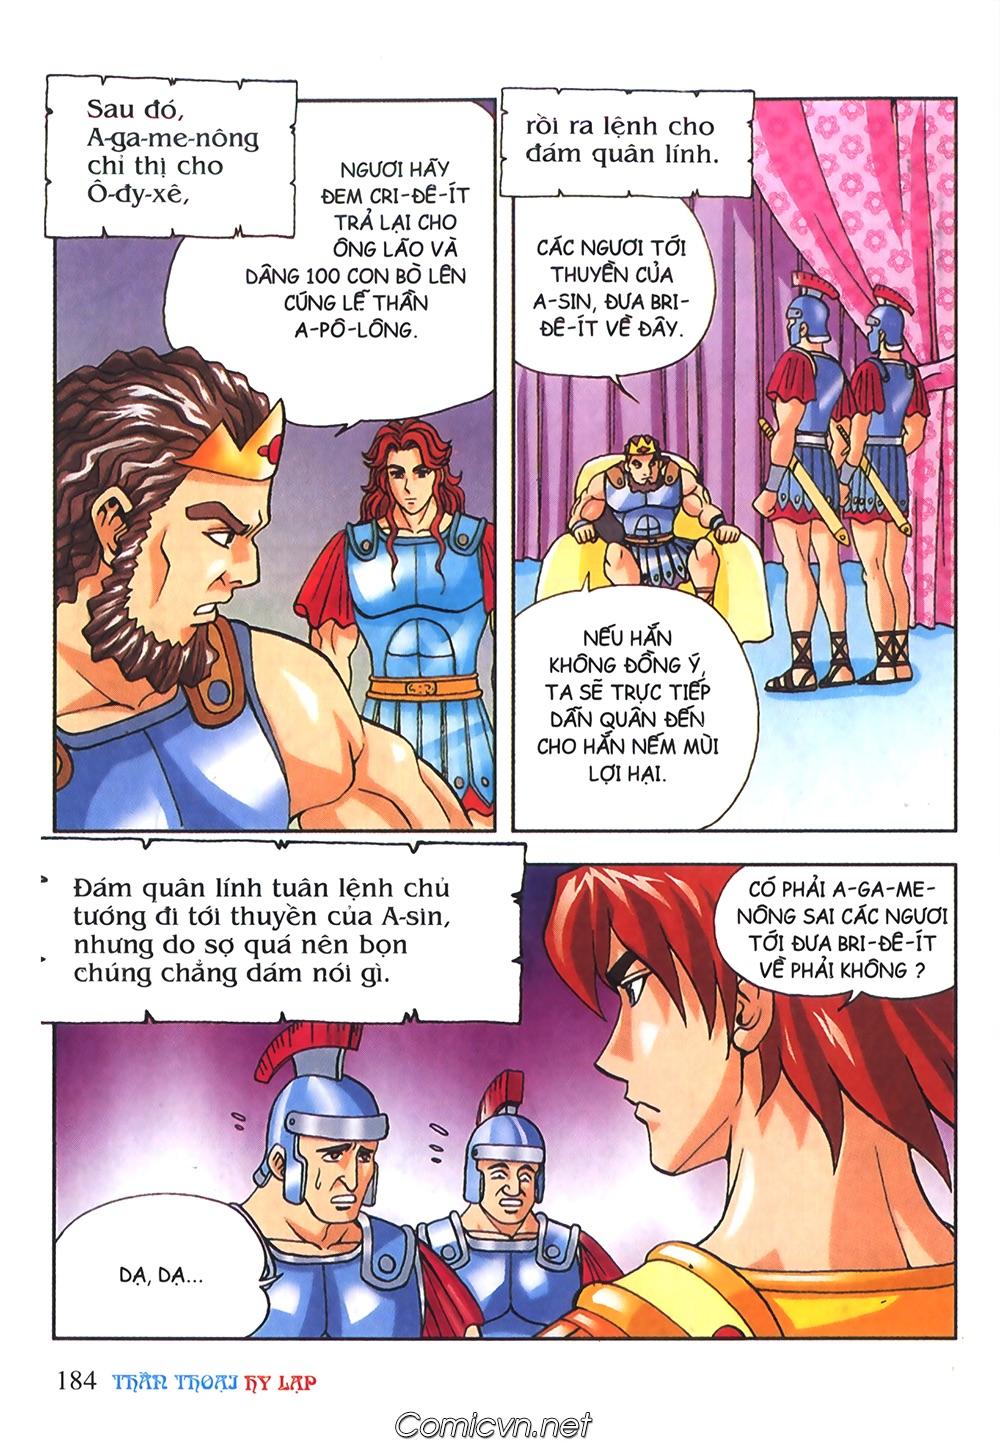 Thần Thoại Hy Lạp Màu - Chapter 56: Hai vị tướng và hai mỹ nữ - Pic 37